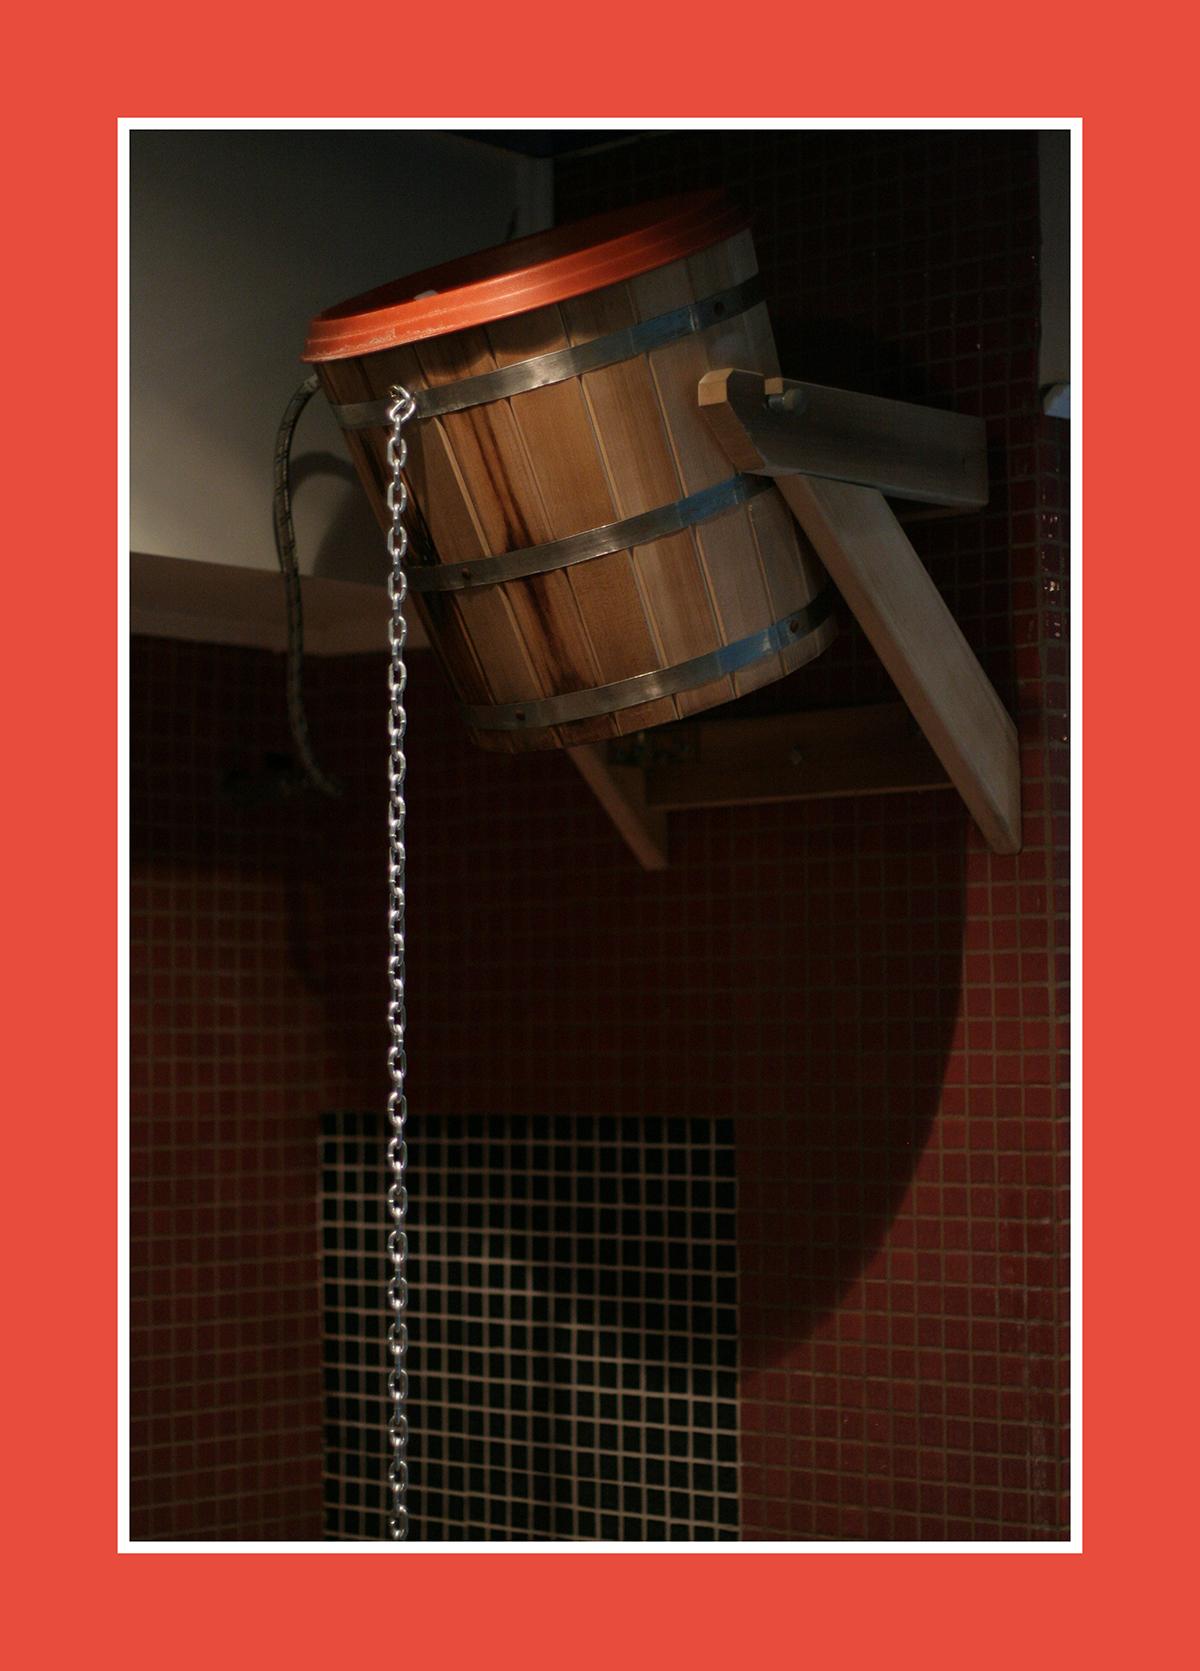 Der Schwalleimer mit der Edelstahlkette: Wenn die Qualität zählt